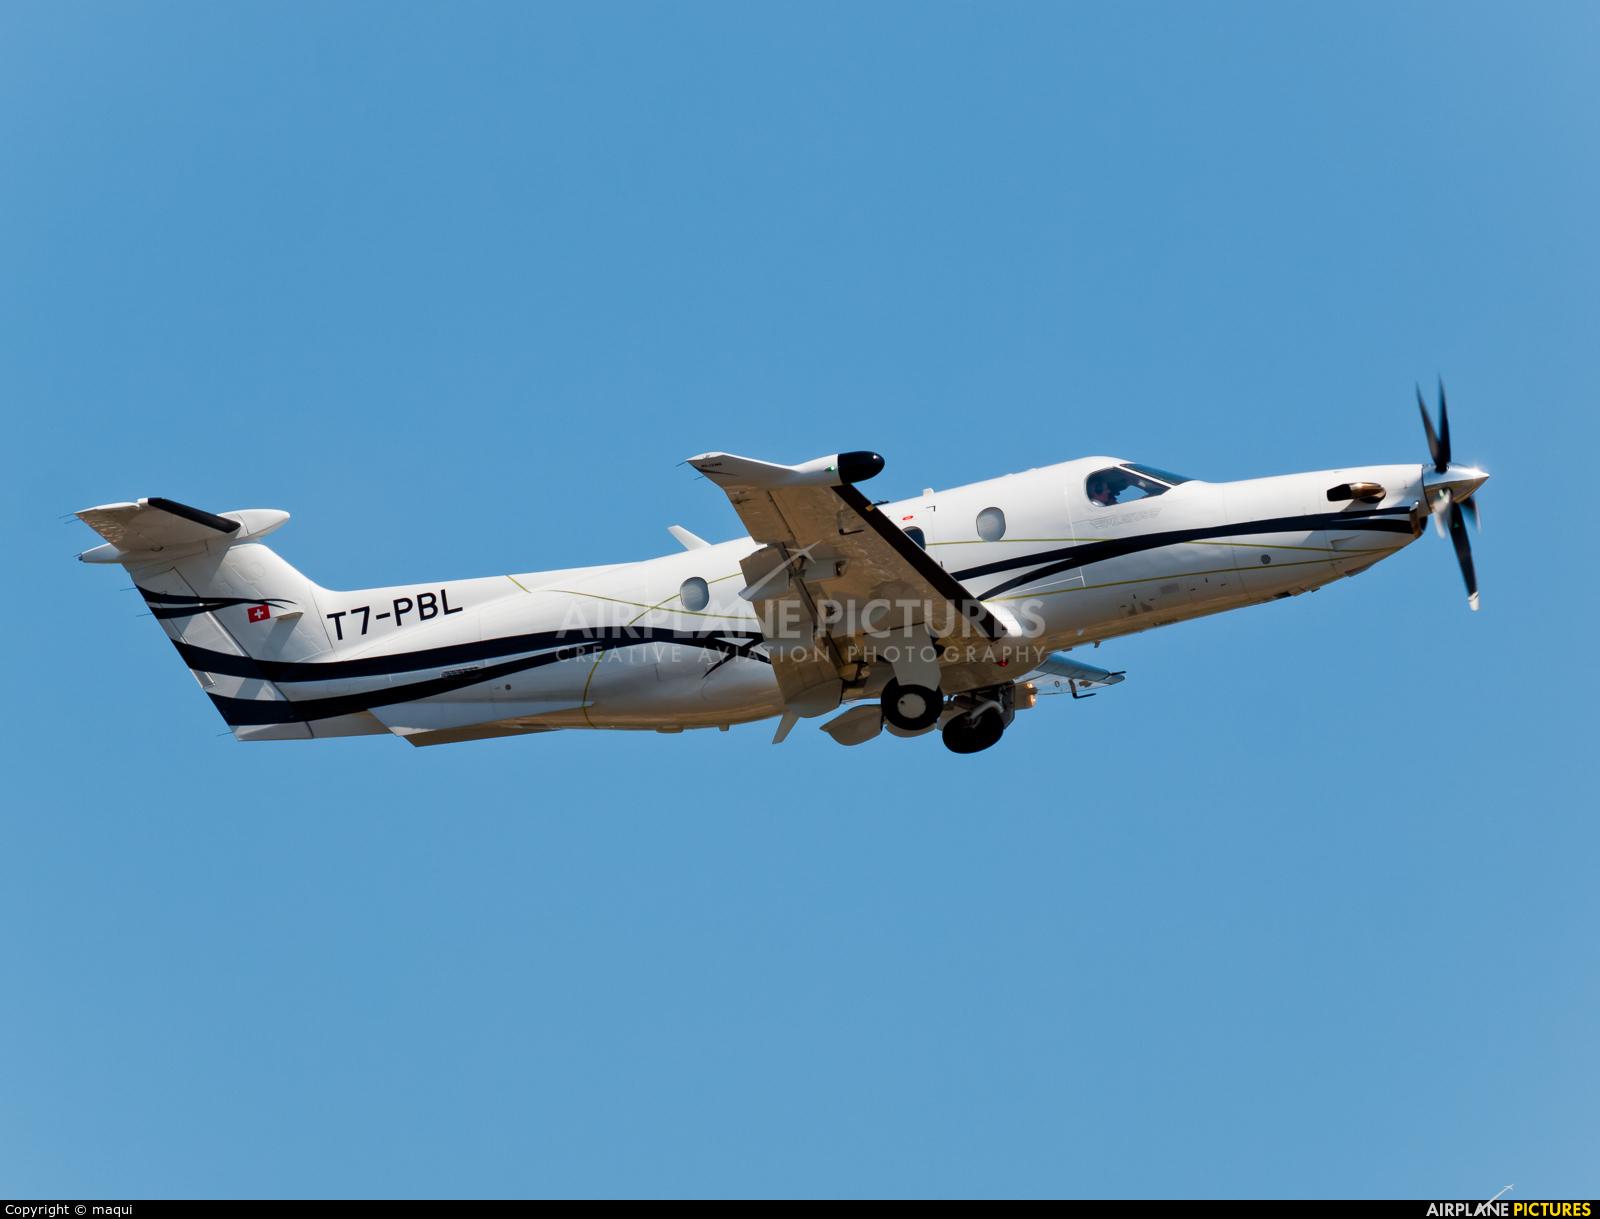 Private T7-PBL aircraft at La Coruña